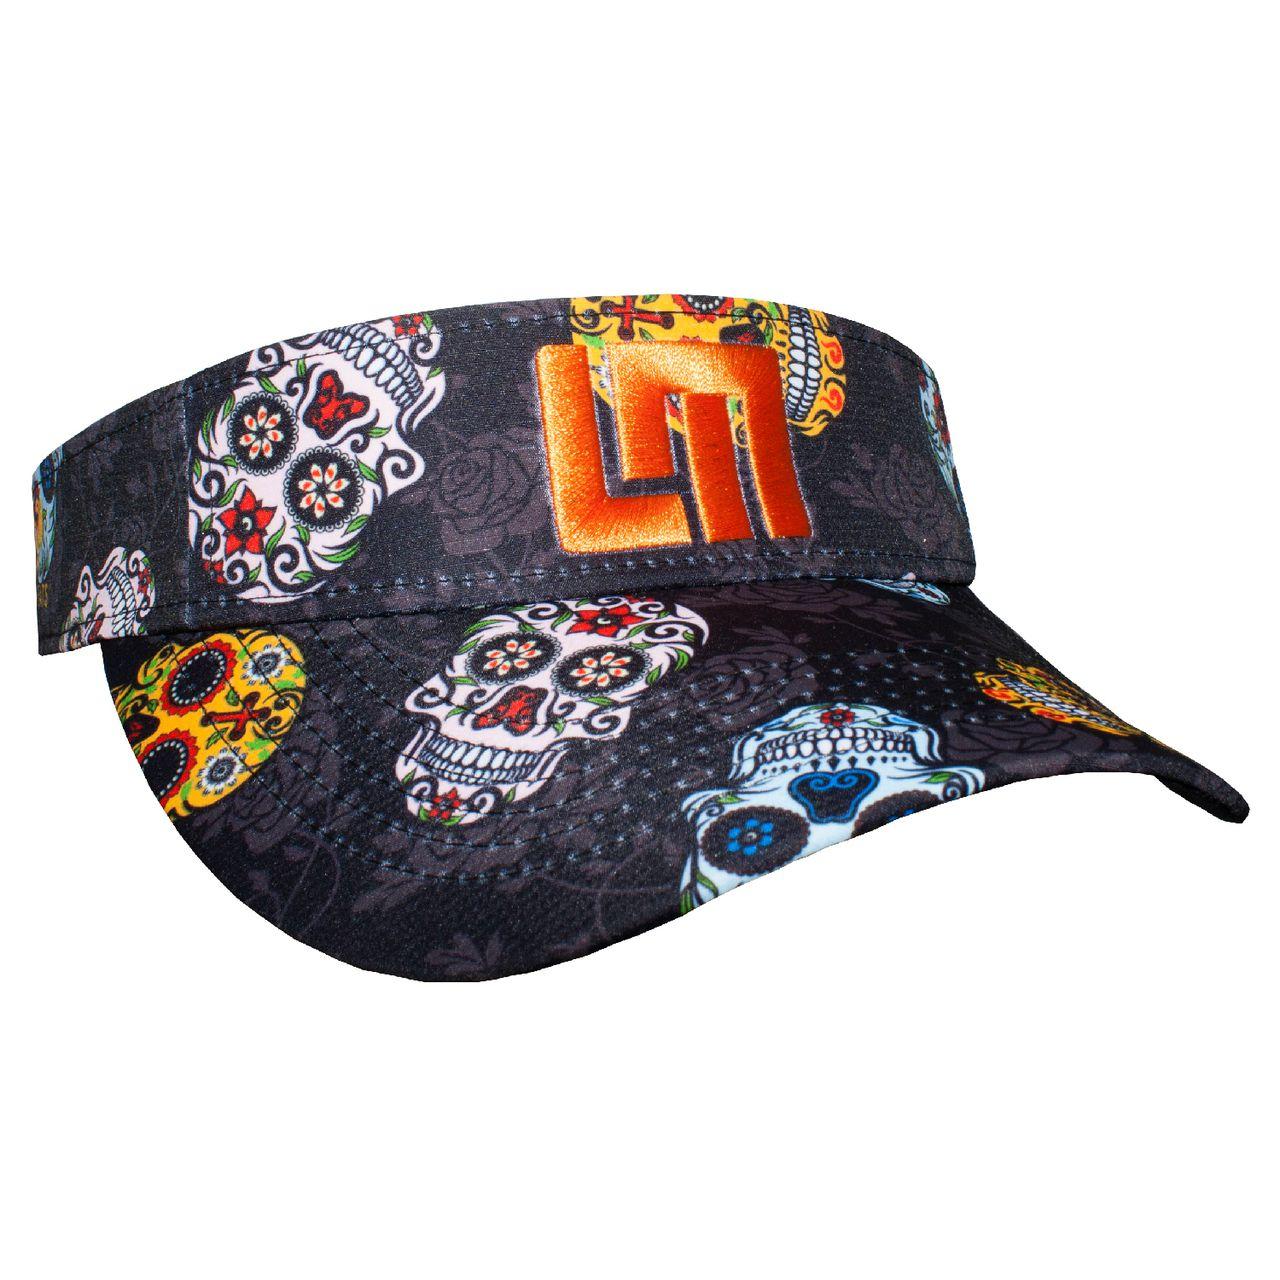 LOUDMOUTH 英國高爾夫服飾品牌-玫瑰骷髏中空帽